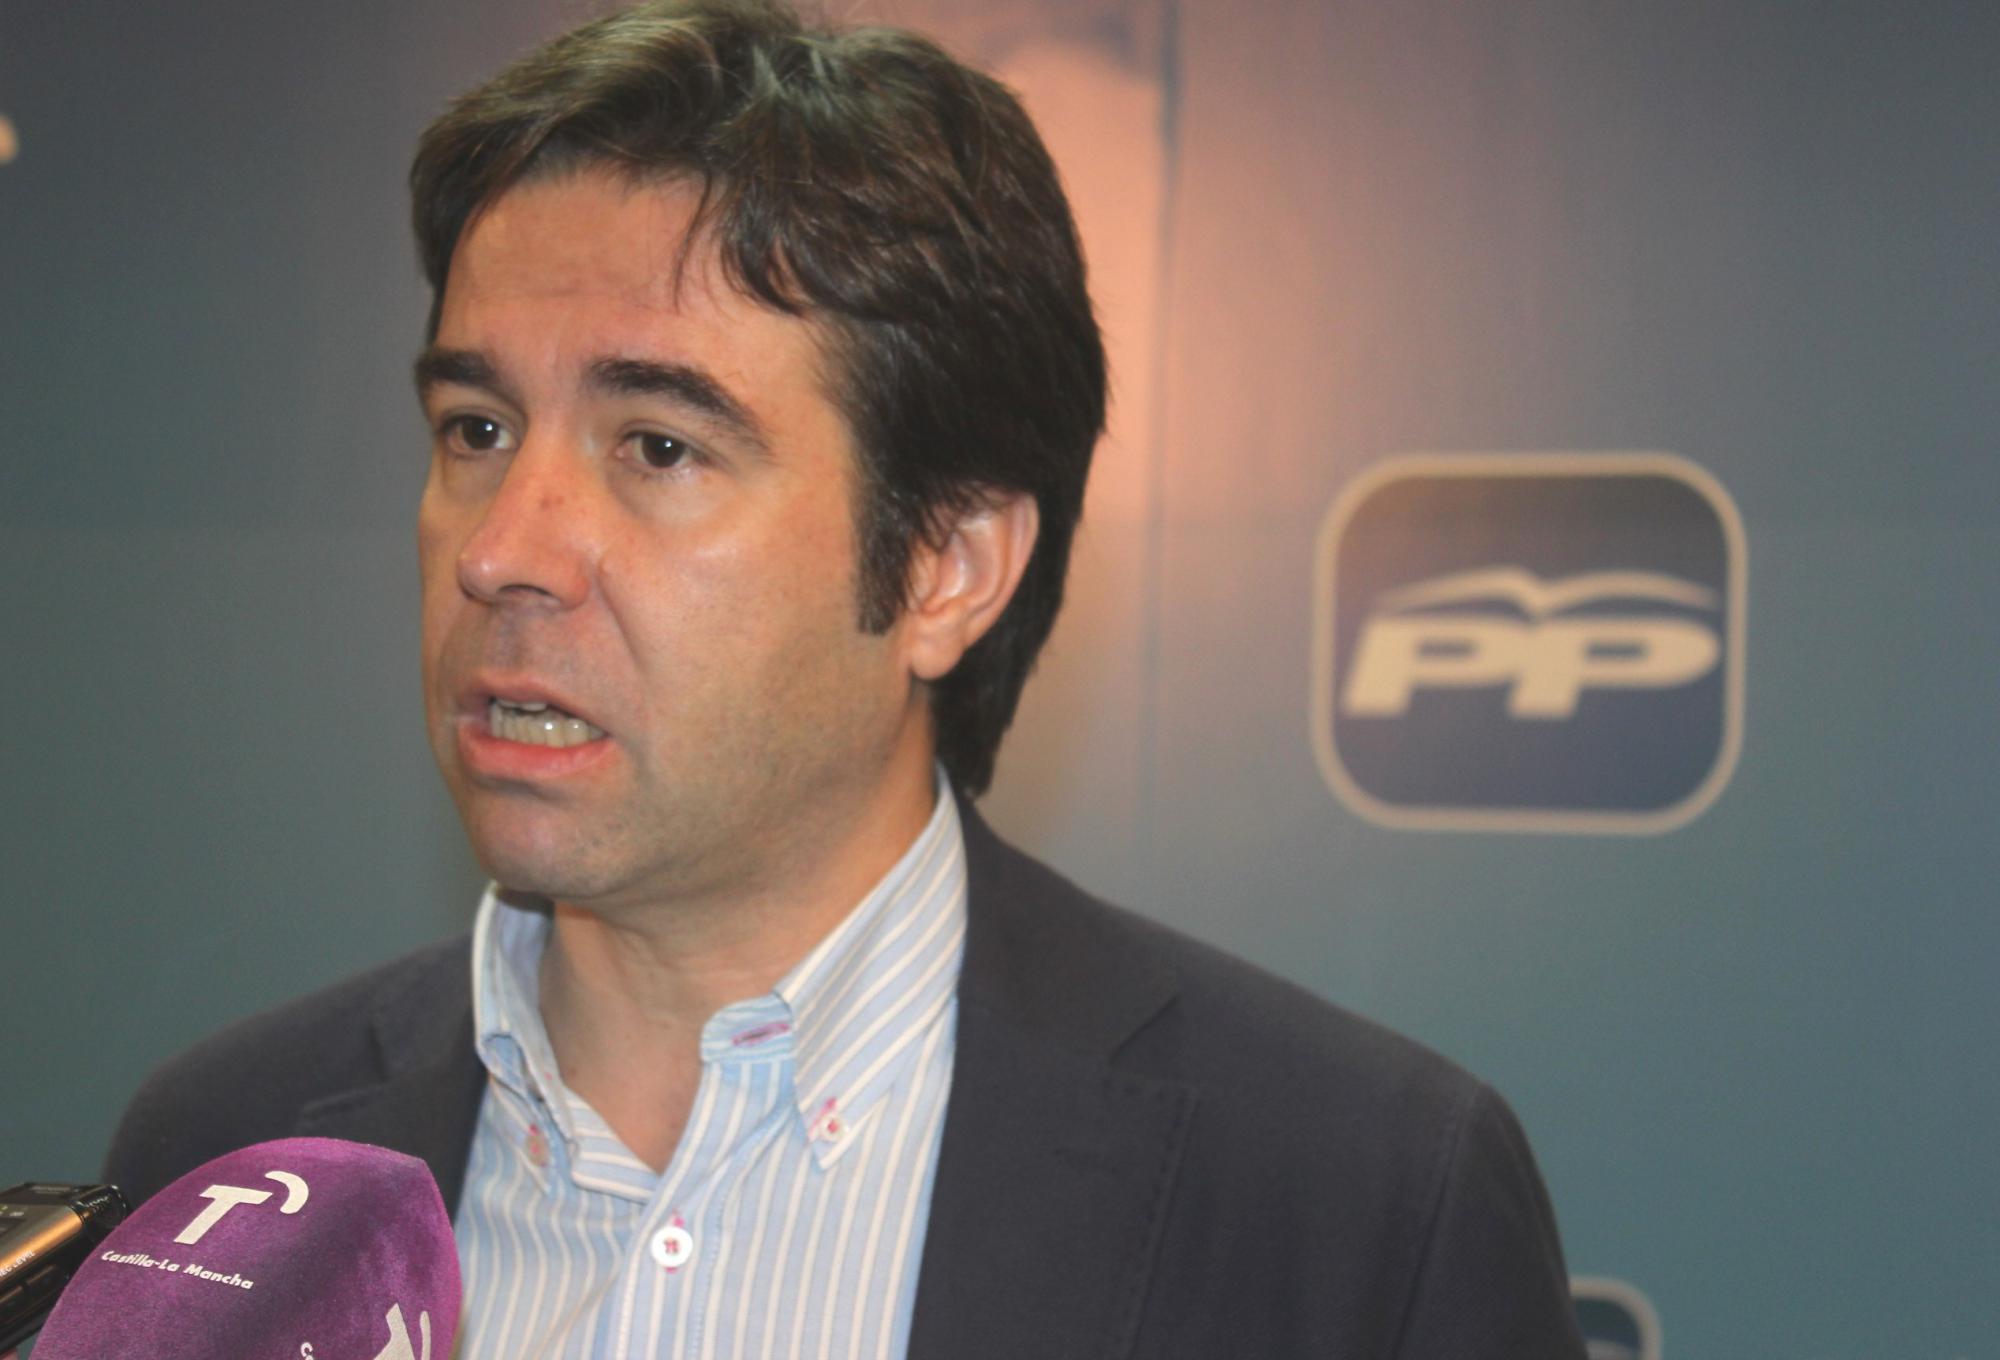 """Robisco: """"Ningún político de Castilla-La Mancha le llega a la suela de los zapatos a la Presidenta Cospedal en eficacia, gestión responsable y honradez"""" ·"""